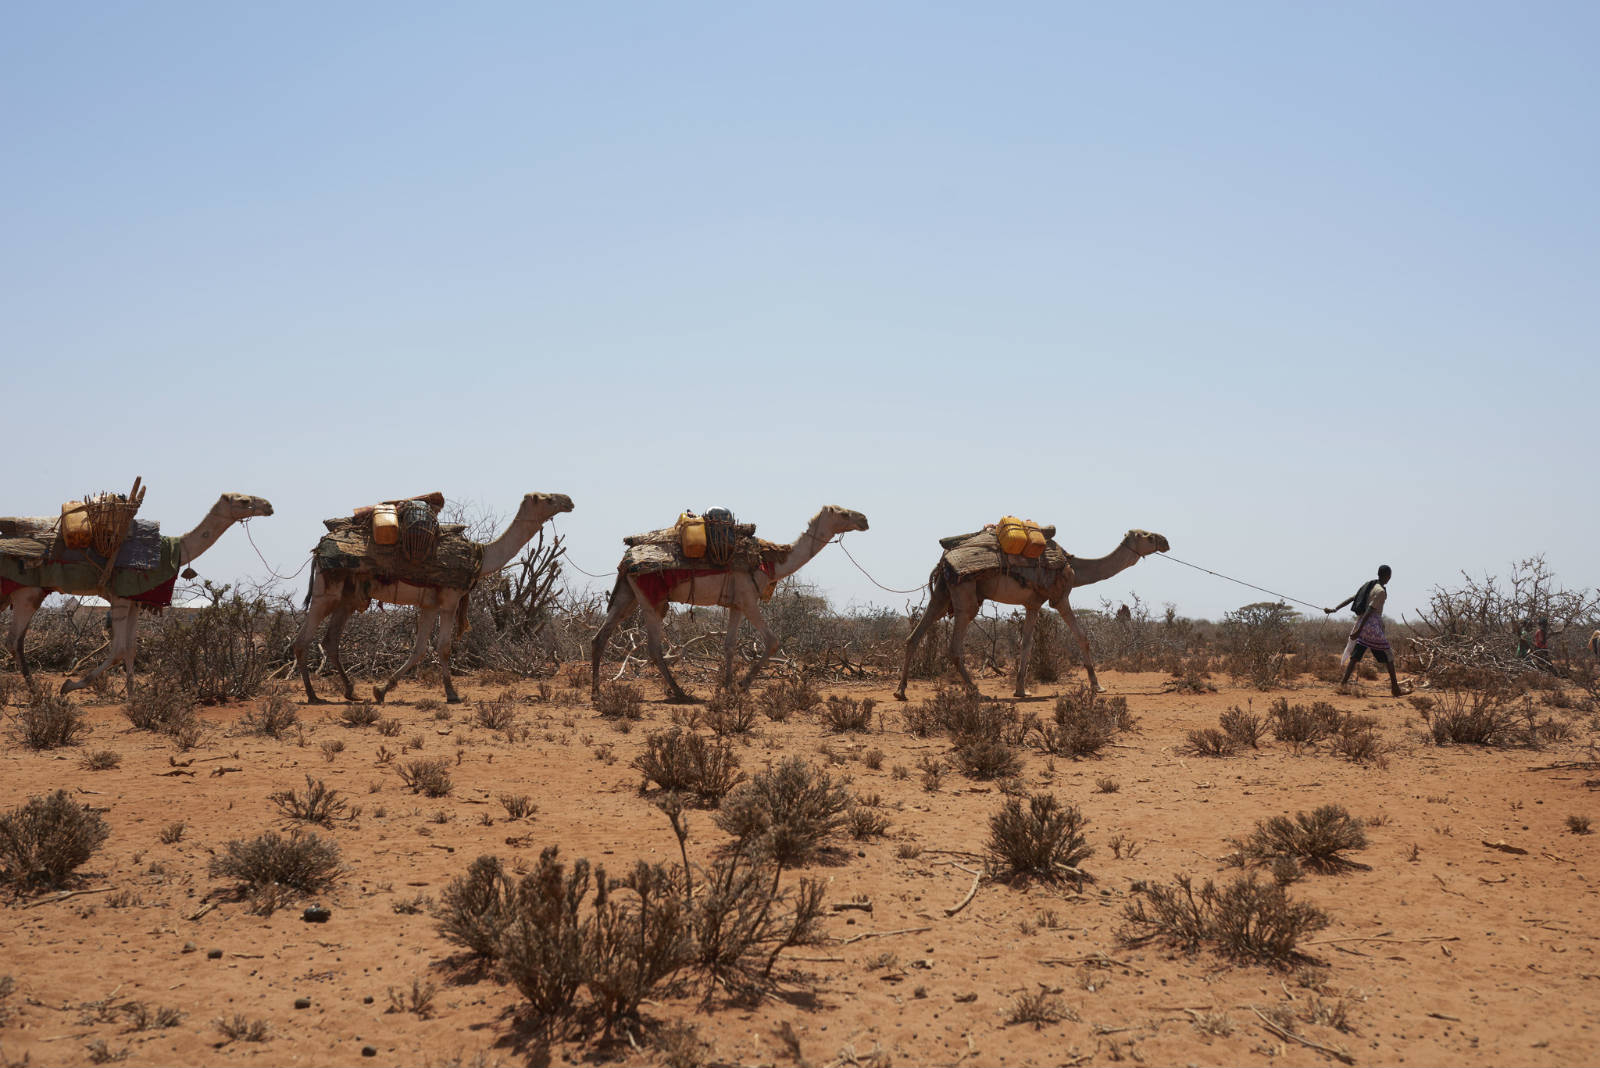 極端氣候帶來嚴重旱災,農作物失收。單在非洲之角的埃塞俄比亞、索馬里及肯亞,就有 1,100 萬人面對糧食不足的問題。(攝影:Tina Hillier/Oxfam)